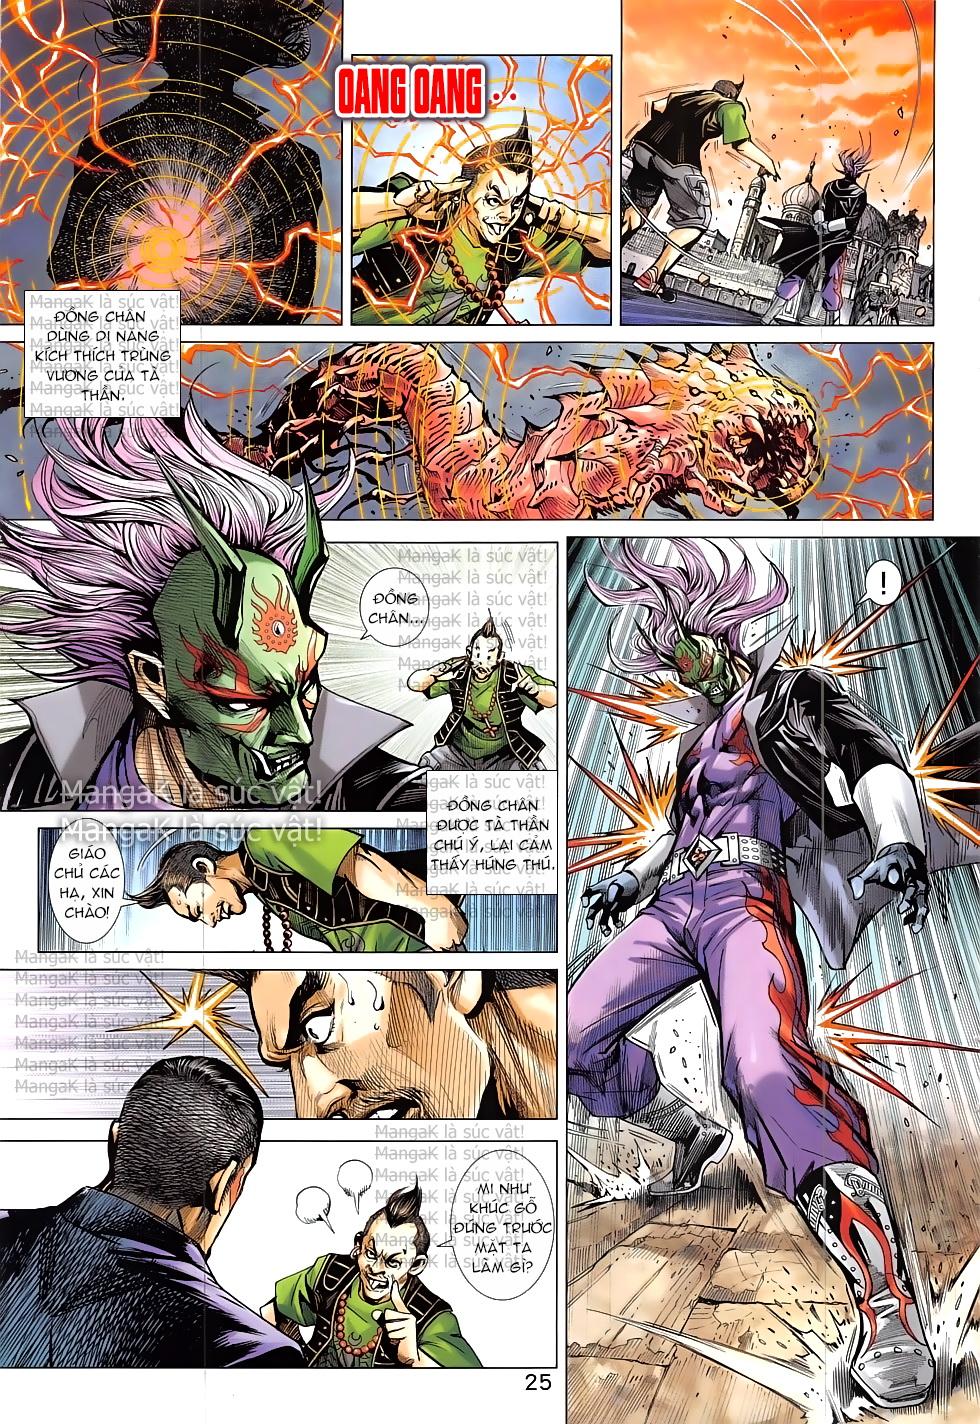 Tân Tác Long Hổ Môn Chap 824 page 25 - Truyentranhaz.net